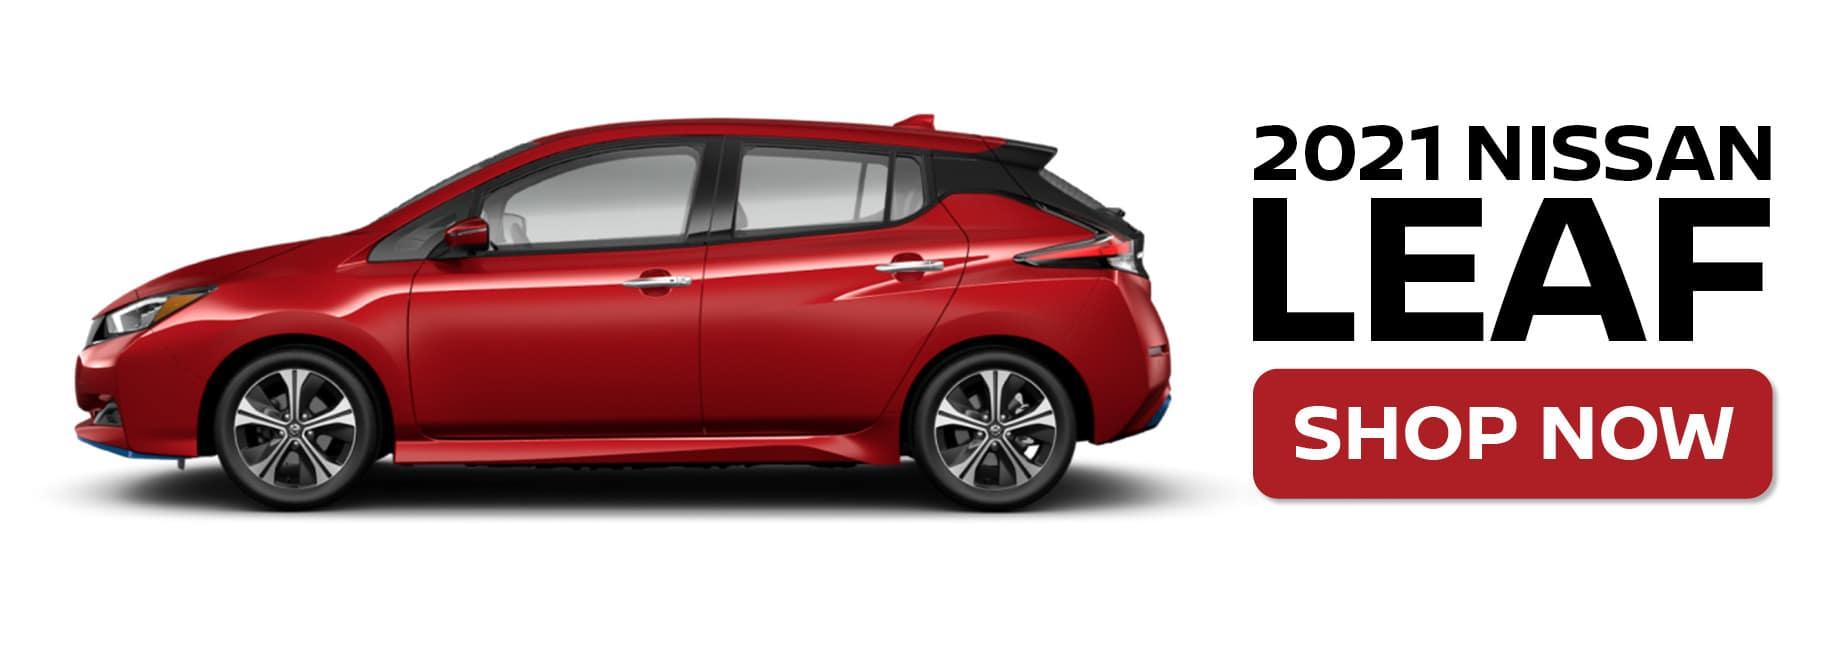 Nissan Leaf in Katy, TX